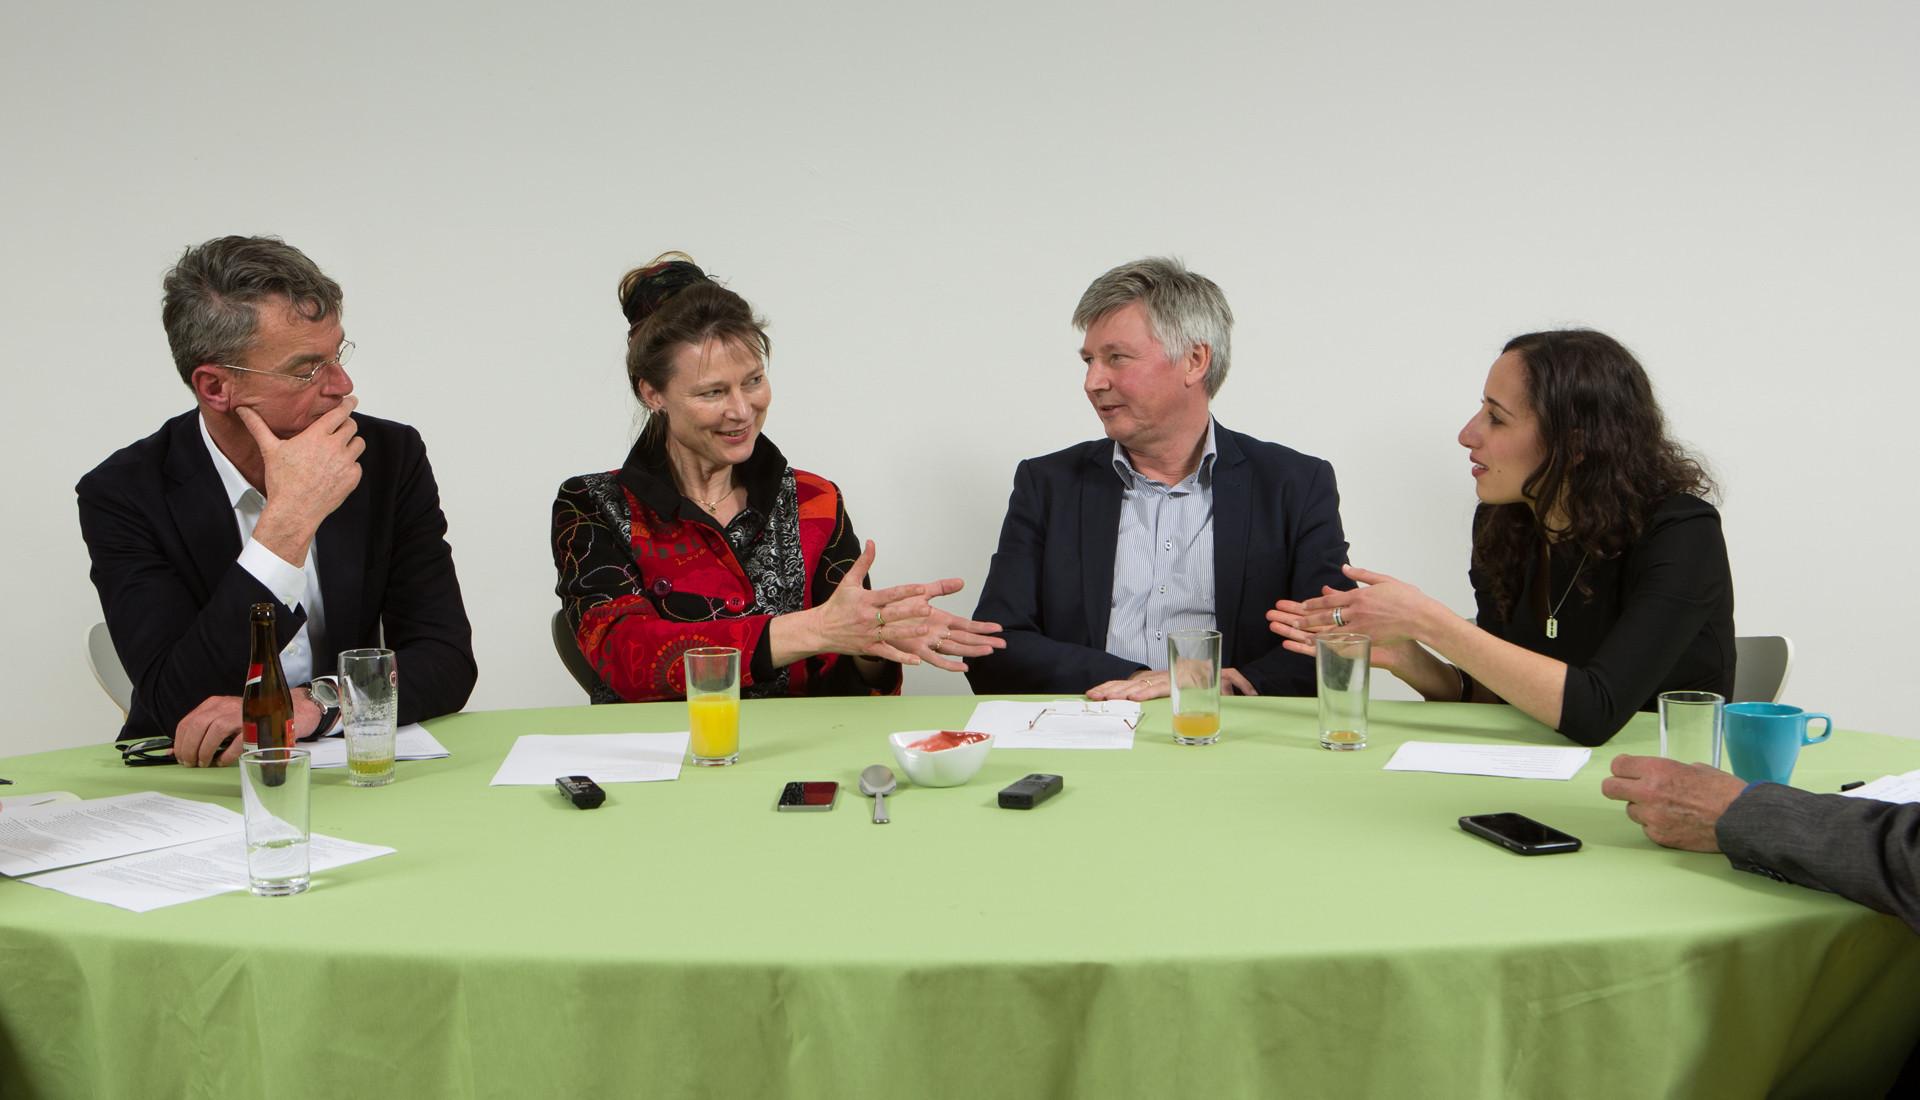 De politiek moet nú ingrijpen om Nederland duurzaam te maken (zeggen deze vier groene koplopers)